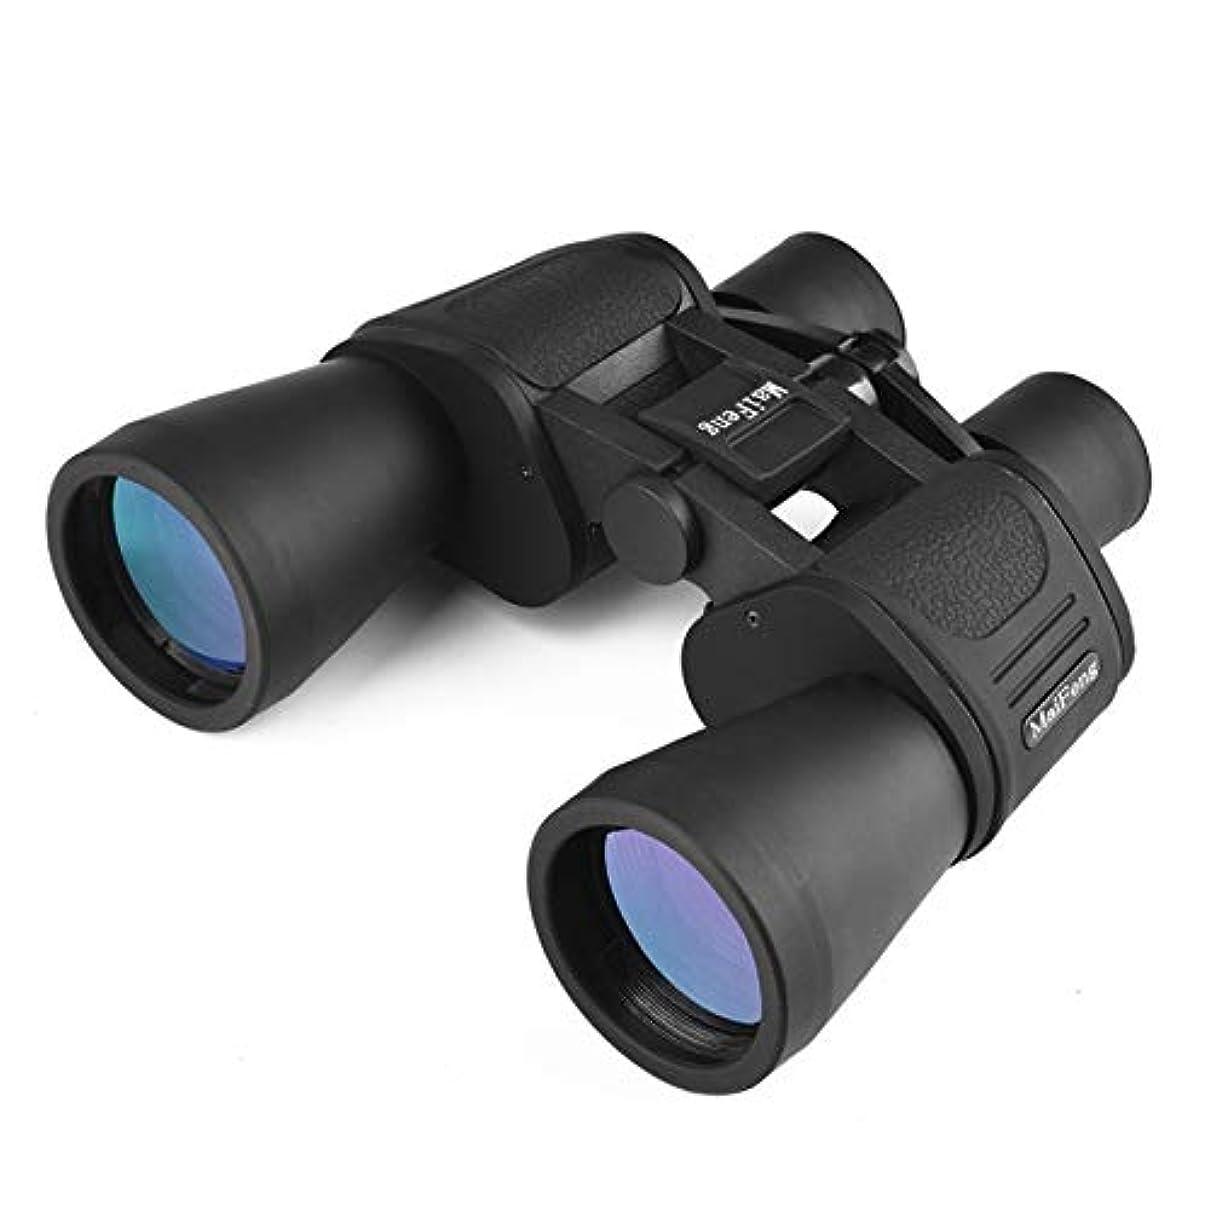 示す黄ばむ財布20x50 高精細 ハイタイム 屋外 双眼鏡望遠鏡